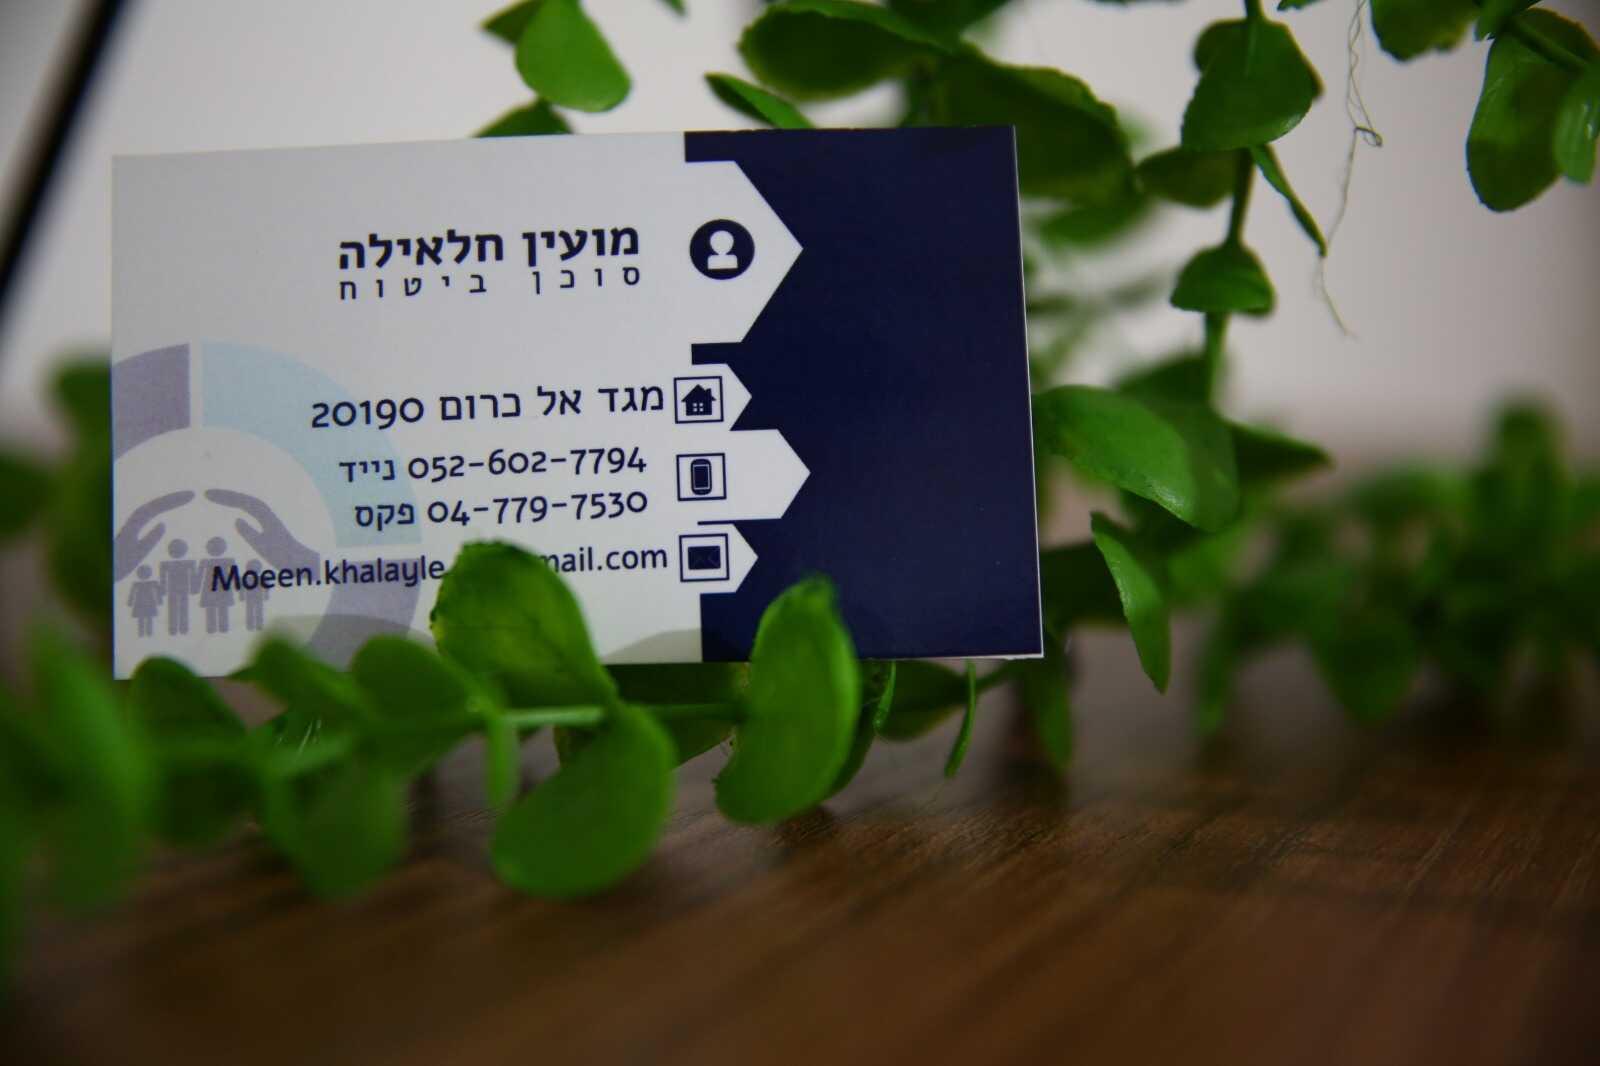 כרטיס ביקור מועין חלאיילה